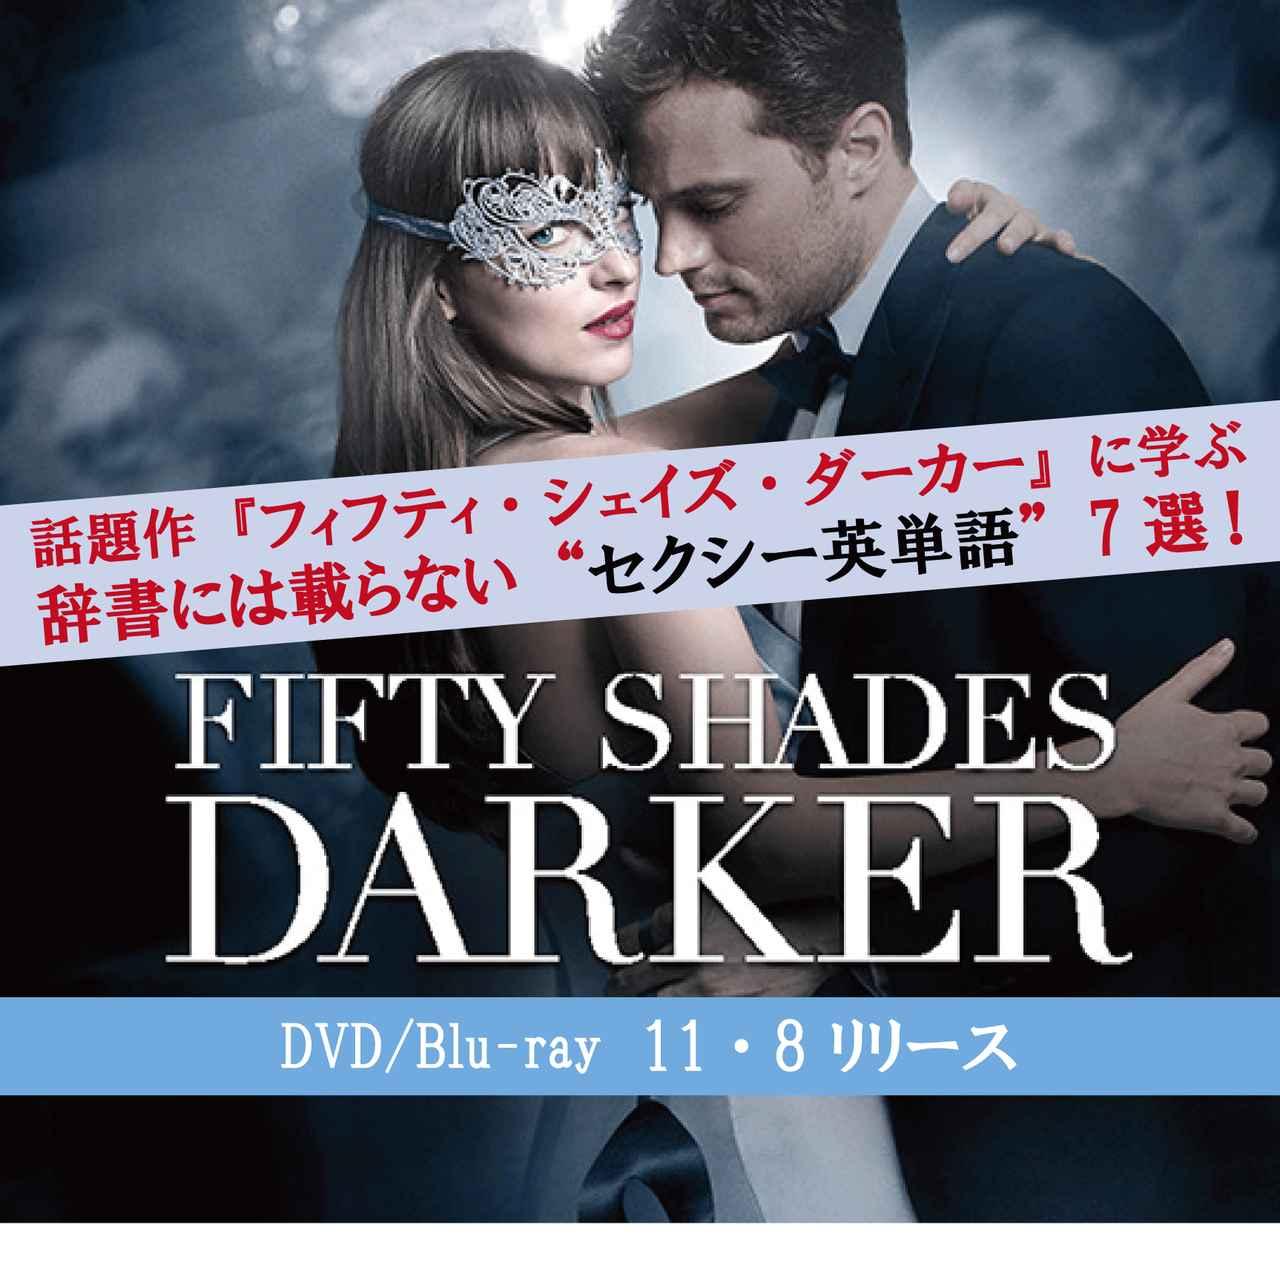 フィフティ・シェイズ・ダーカー、DVD、英単語